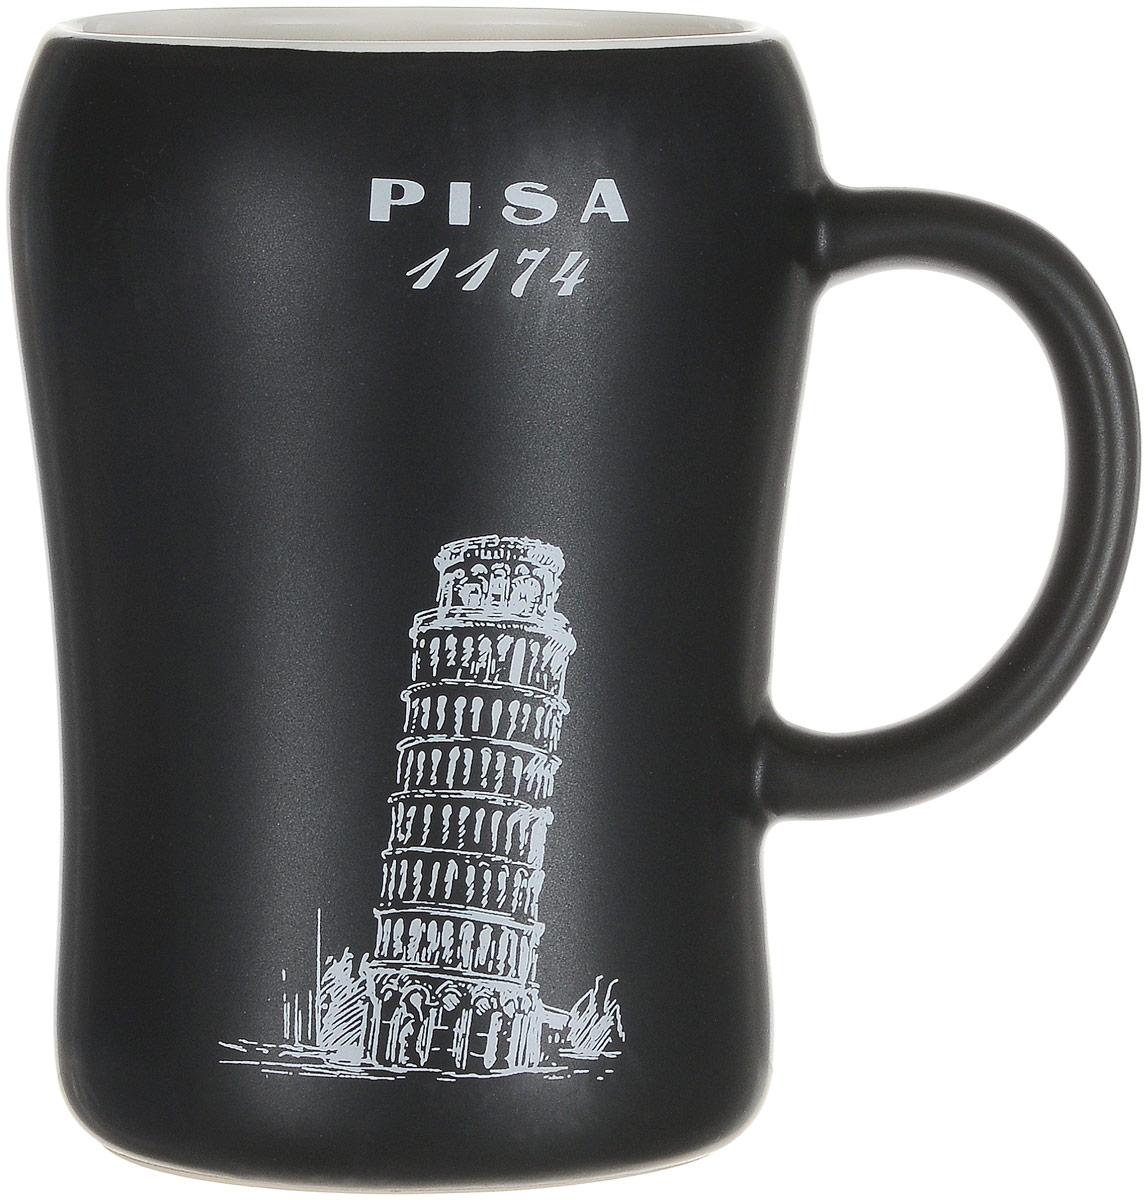 Кружка пивная Bella, цвет: черный, 500 млKR-01SCD290CB-1438_черный _ PISA 1174Пивная кружка Bella - это не просто емкость для пенного напитка, это еще оригинальный сувенир или прекрасный подарок для настоящего ценителя. Такая пивная кружка превращает распитие пива в настоящий ритуал. Кружка выполнена из керамики и оформлена изображением. Пивная кружка Bella станет прекрасным пополнением вашей коллекции. Объем: 500 мл. Высота кружки: 13 см. Диаметр по верхнему краю: 8 см. Диаметр основания: 7,5 см.